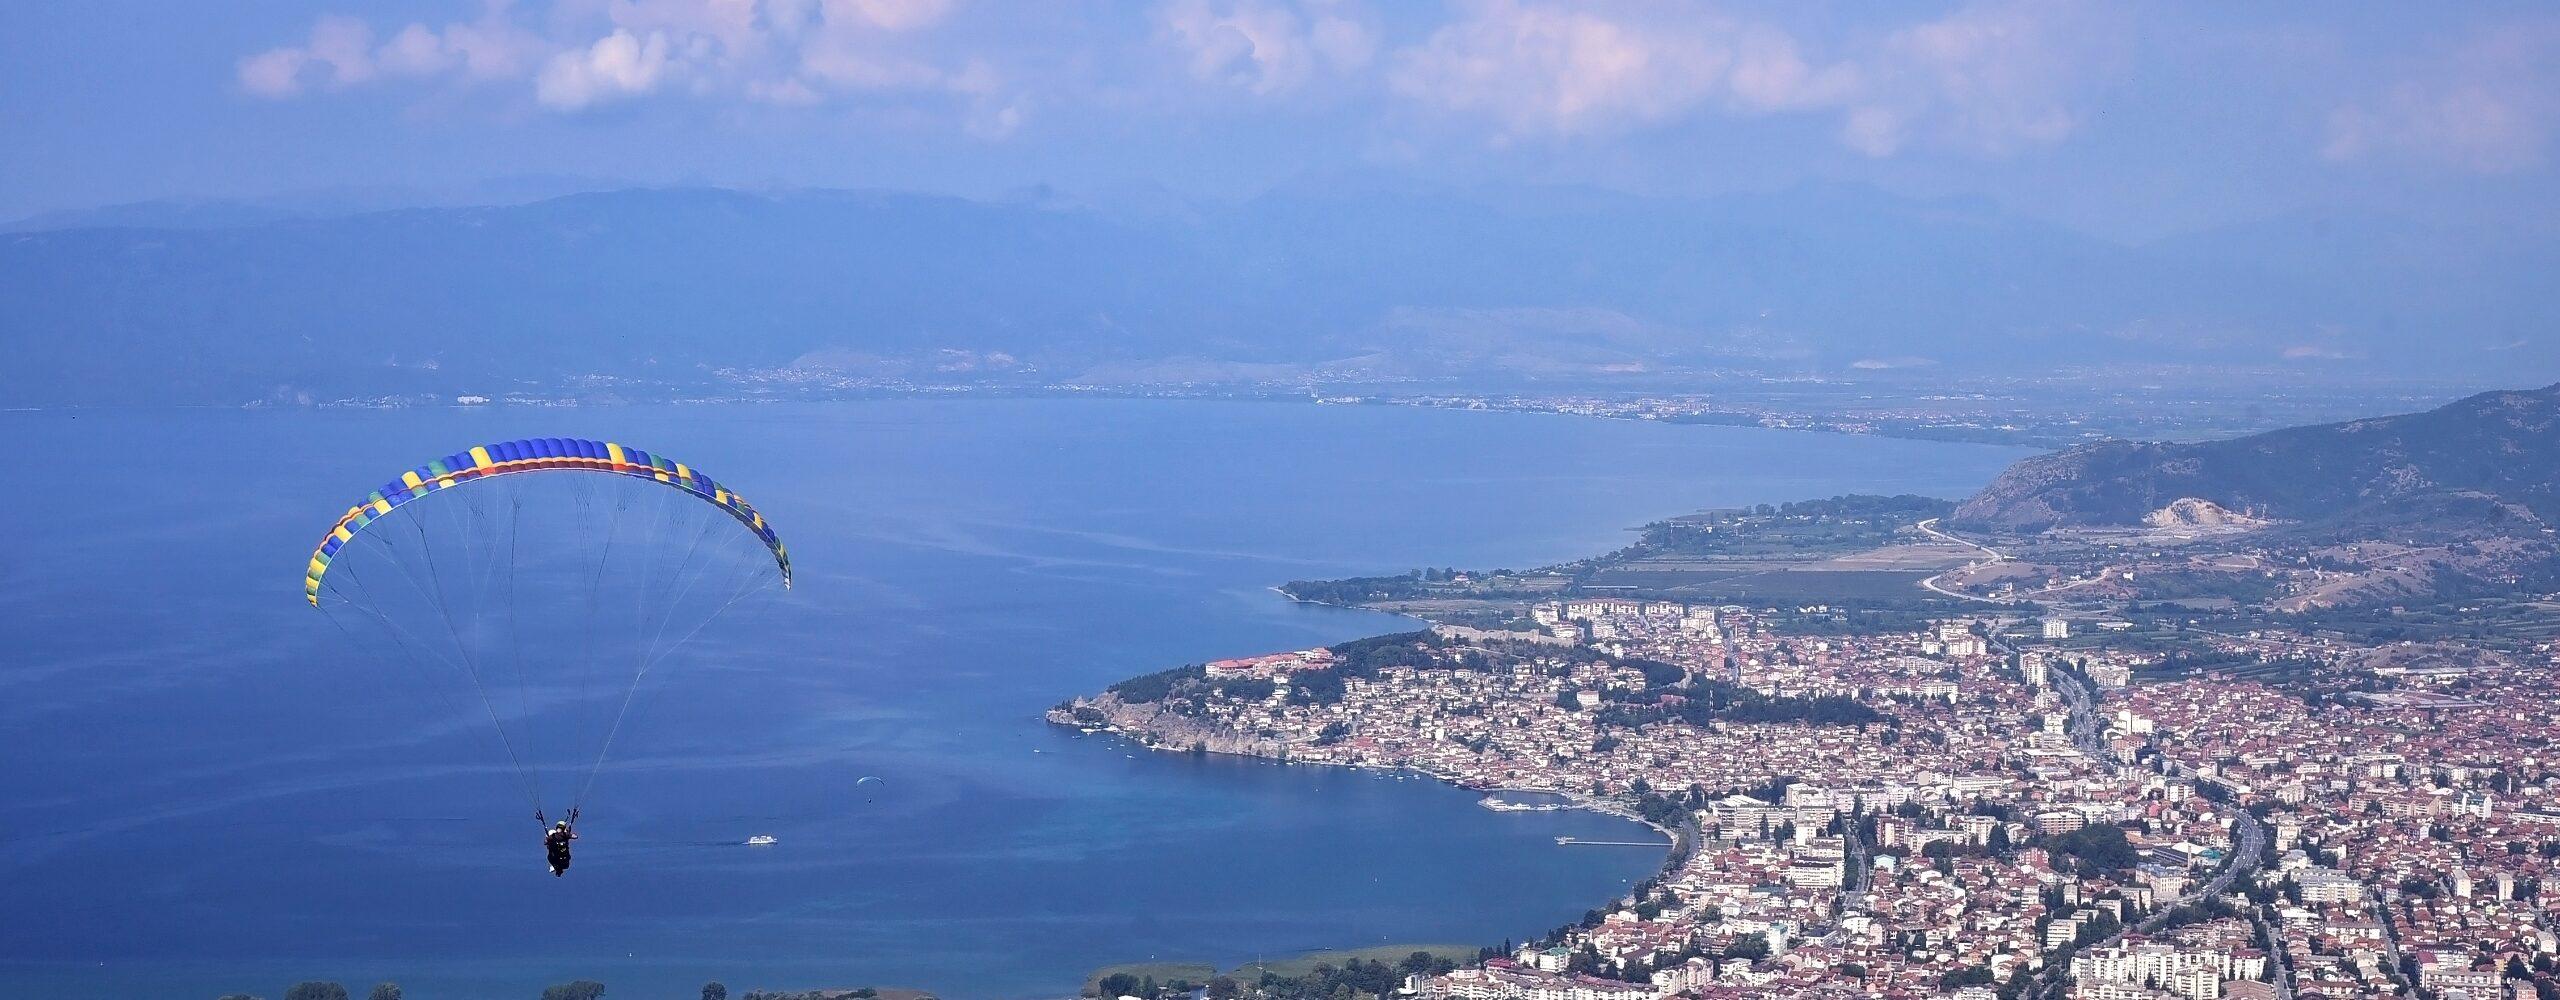 Монастырь Святого Наума иполёт над Охридом